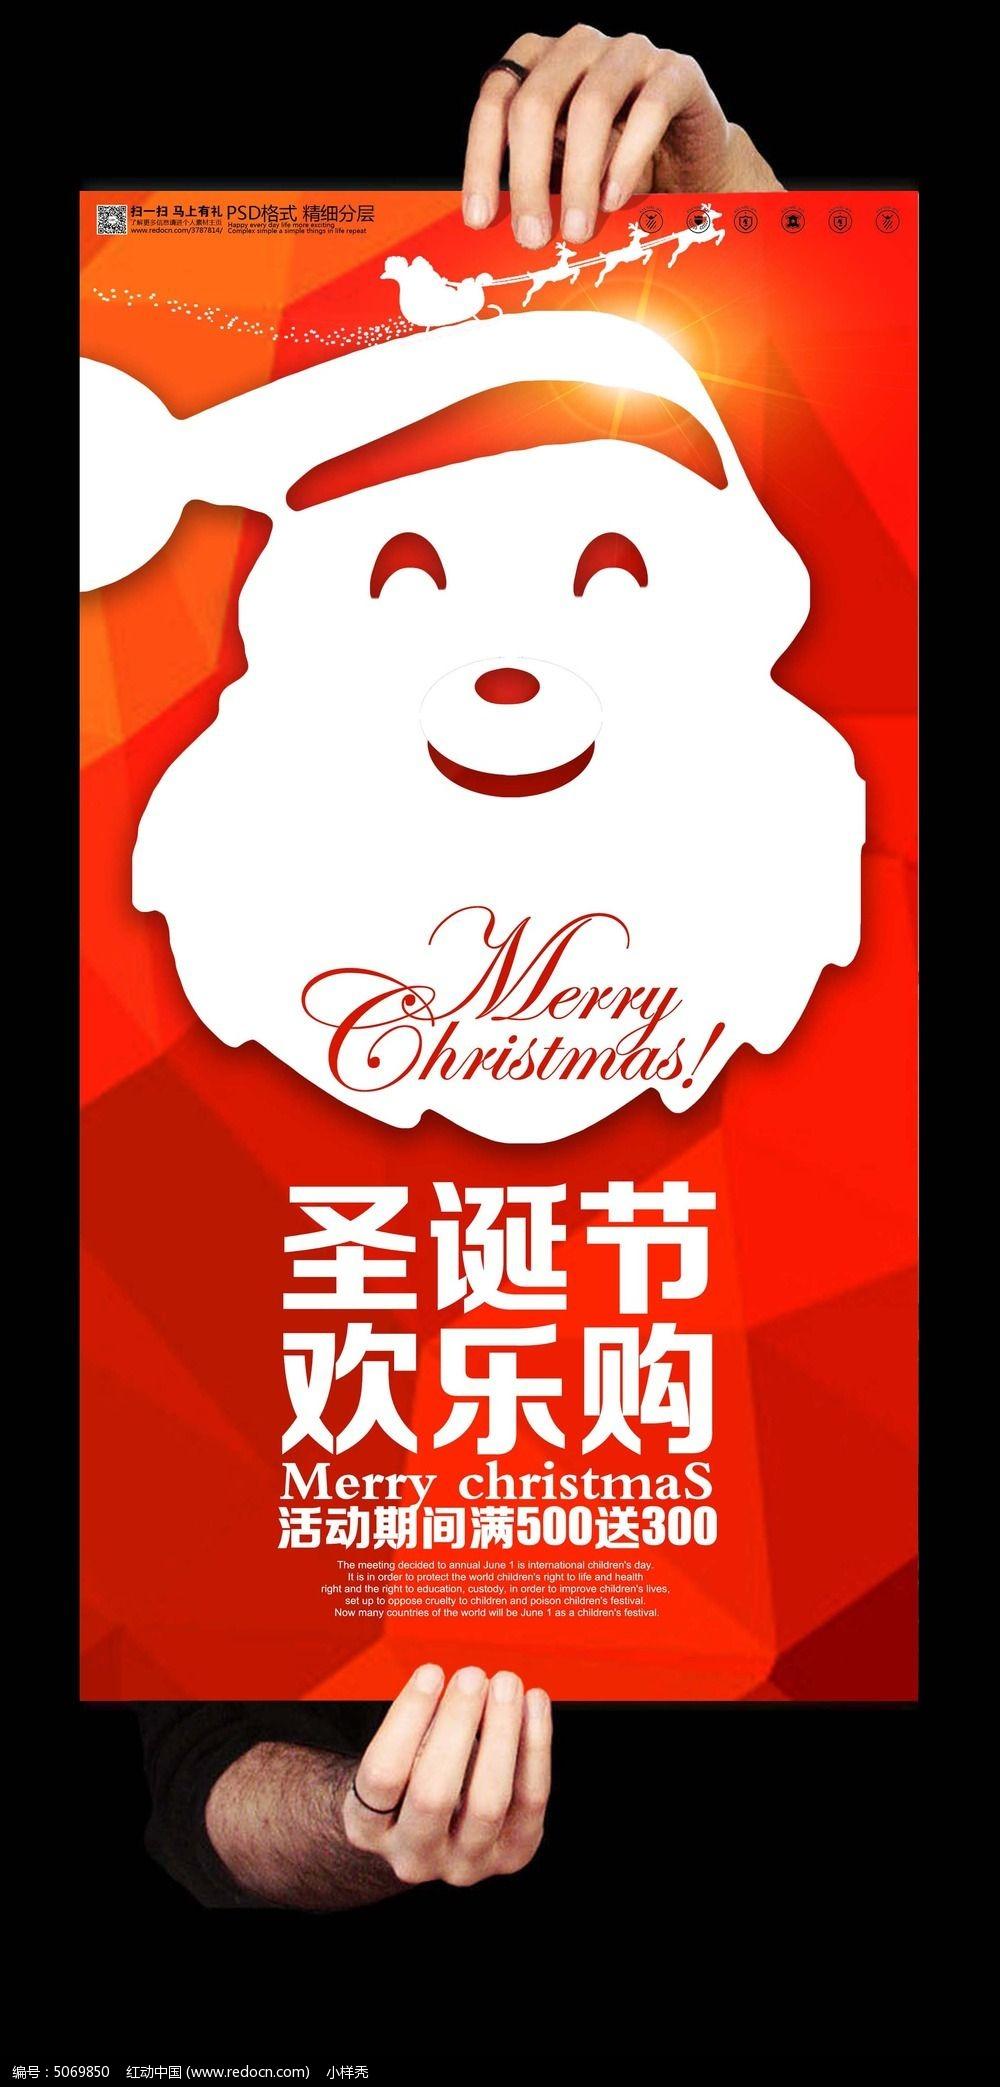 创意圣诞节活动促销海报图片